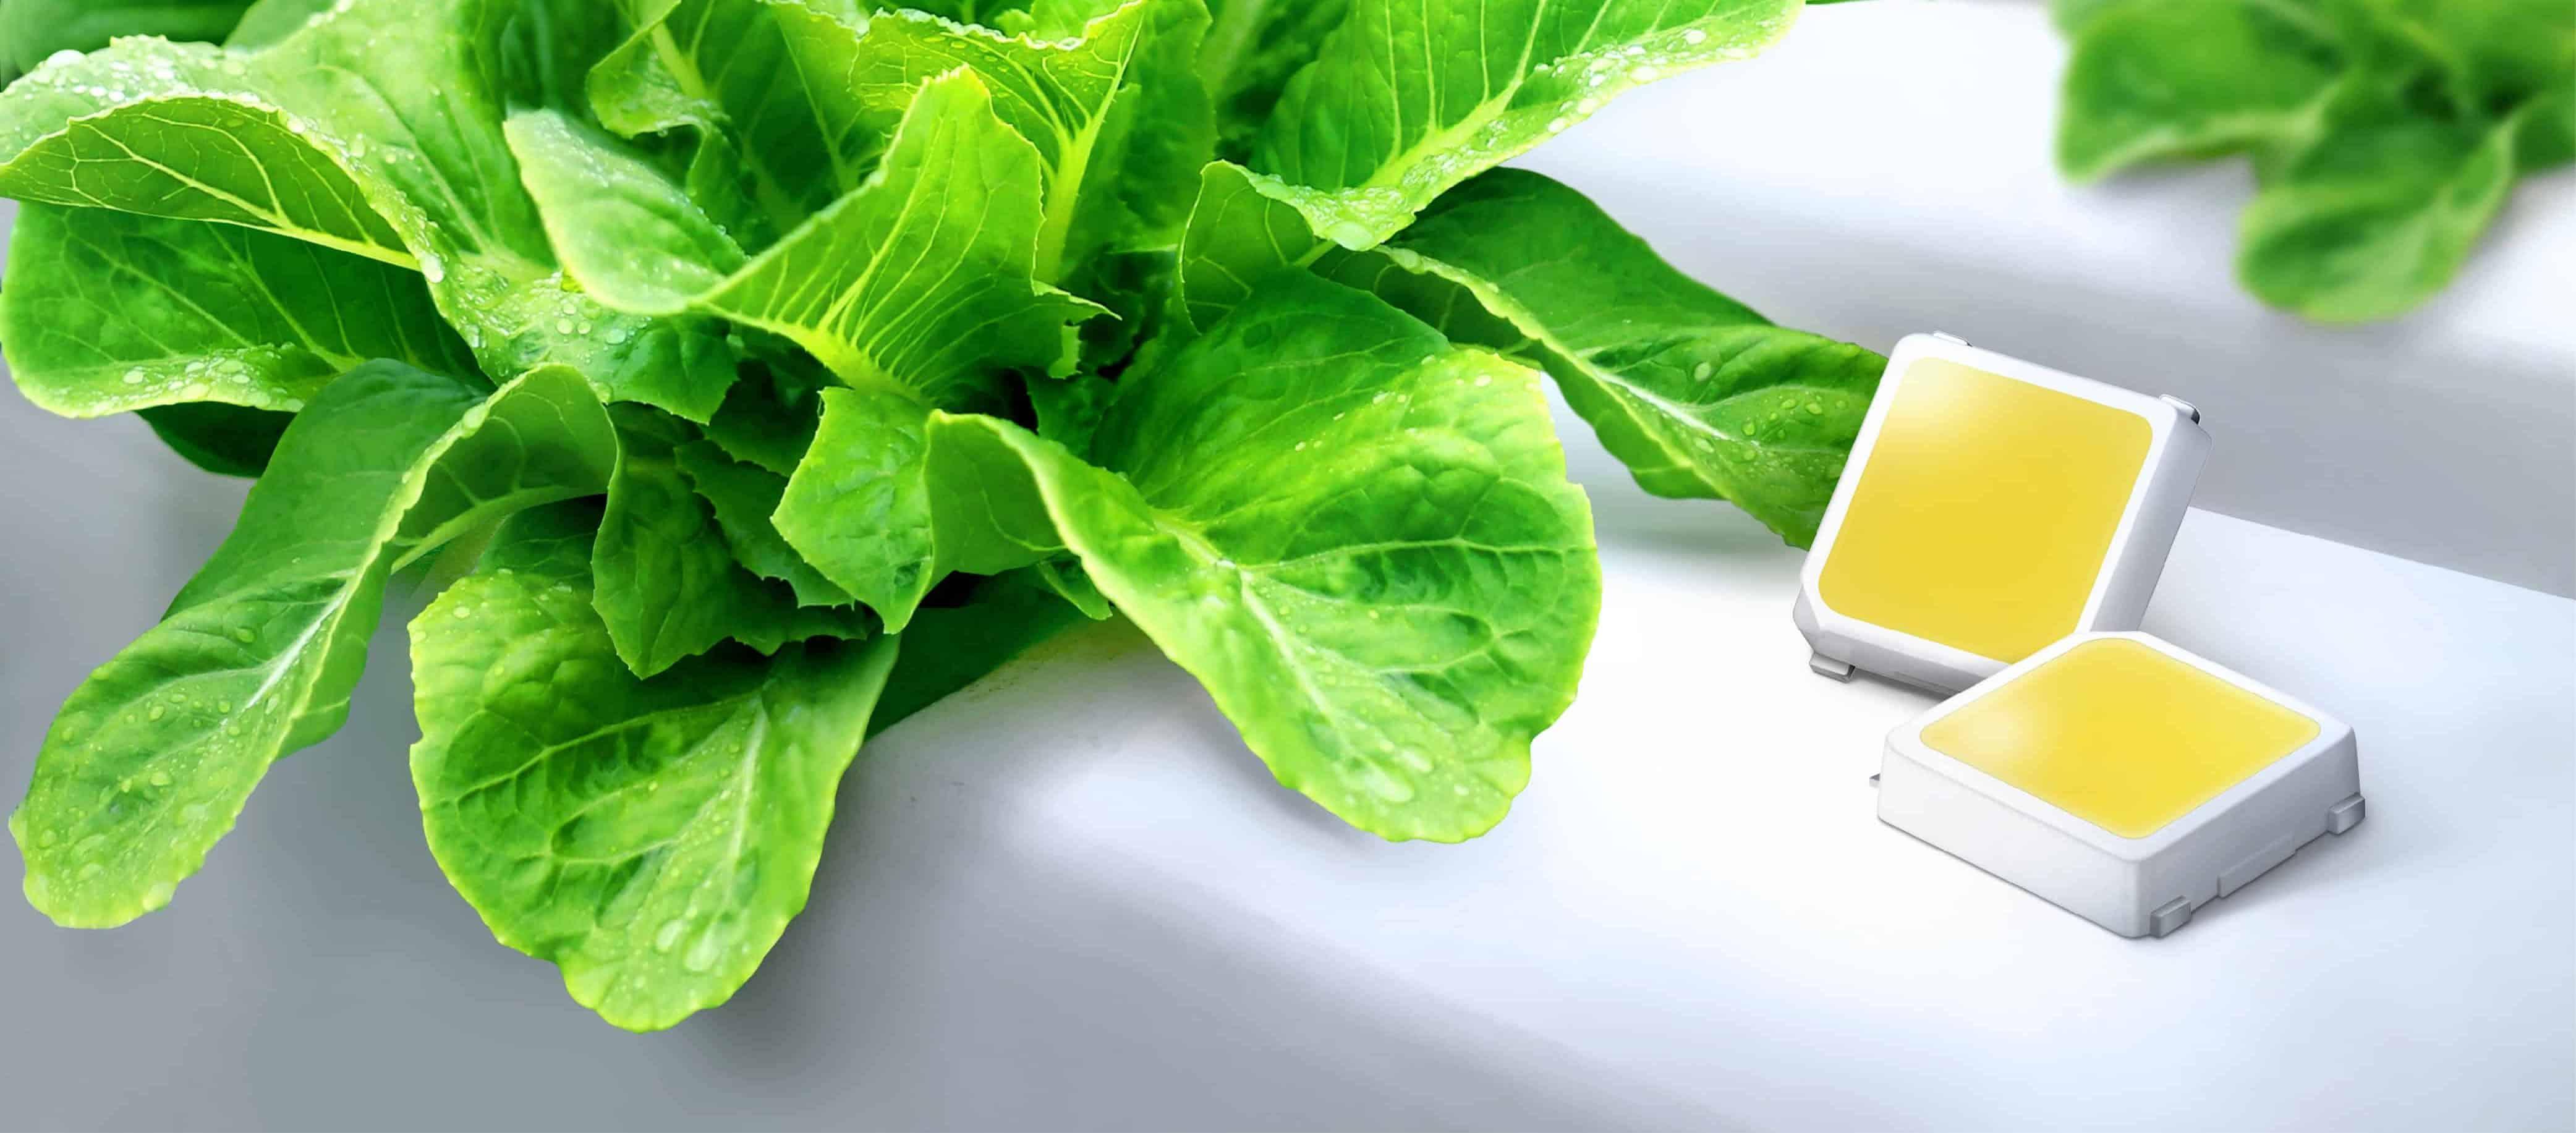 شركة سامسونج تعلن عن تصنيع أضواء LED جديدة ستغير الزراعة